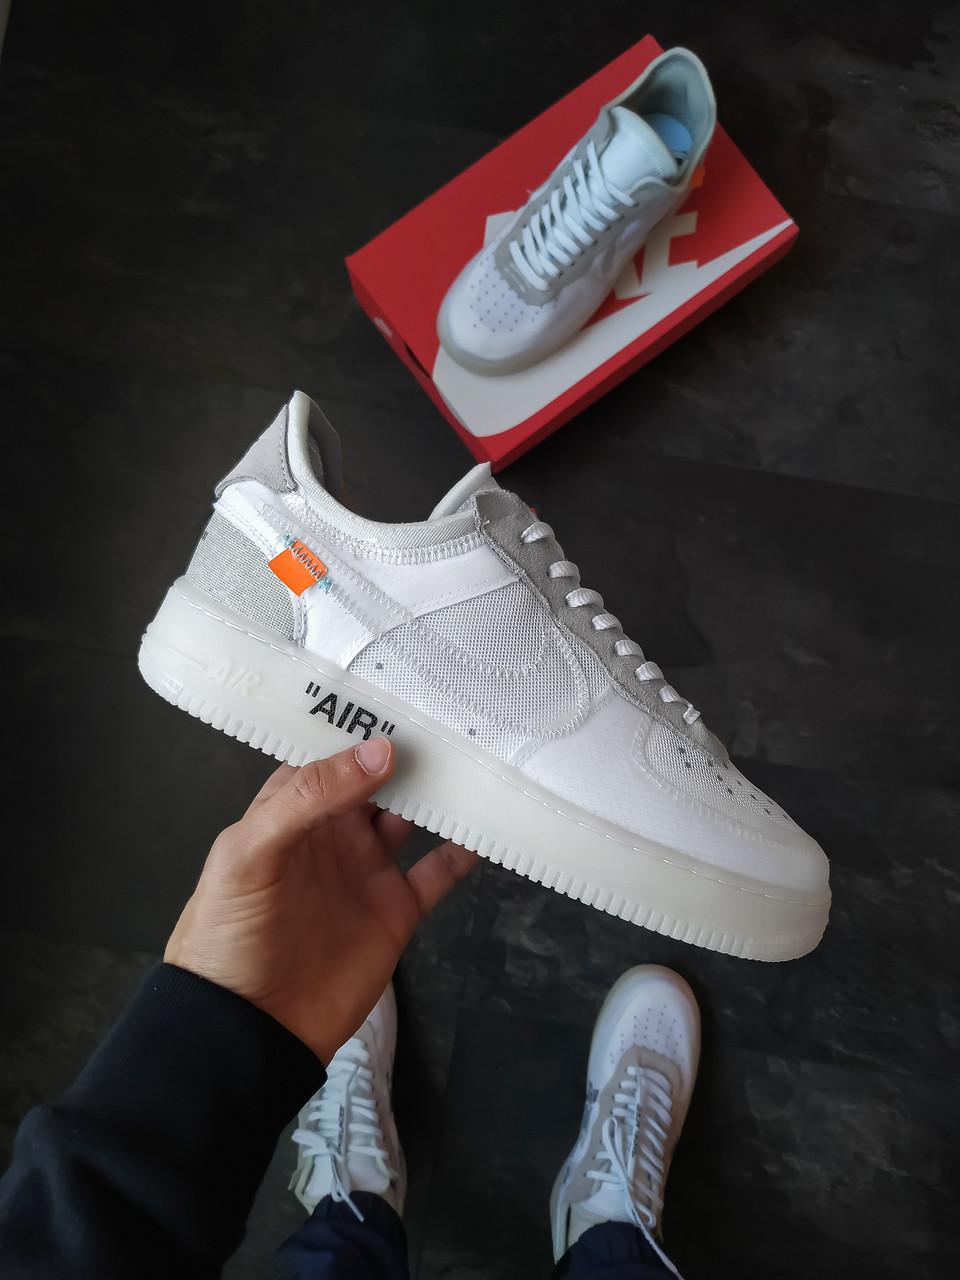 Чоловічі кросівки Nike Air Force Just Do ItxOff White білі